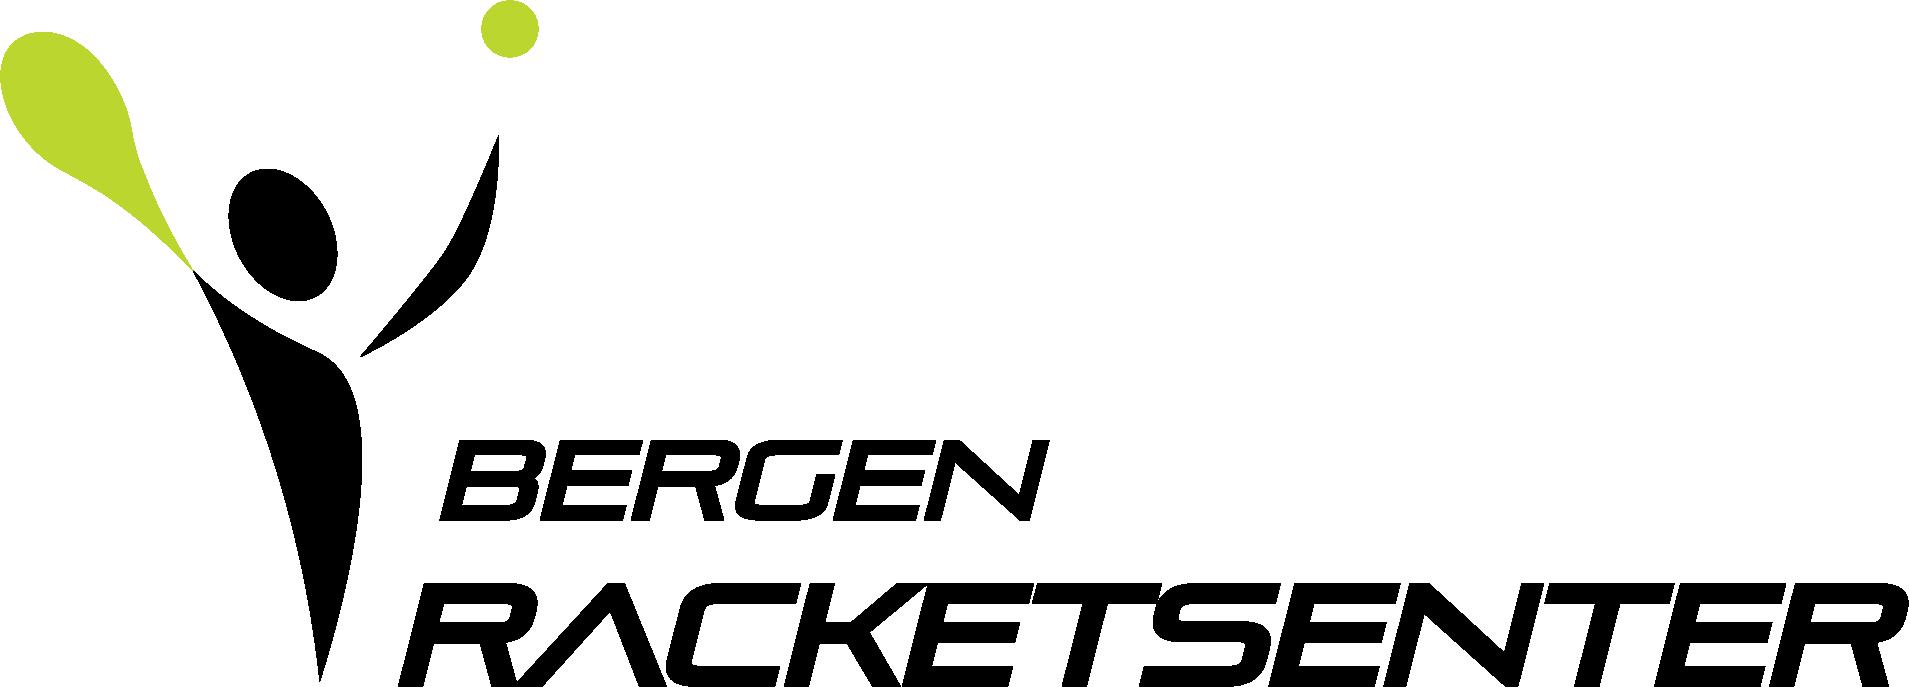 Bergen Racketsenter